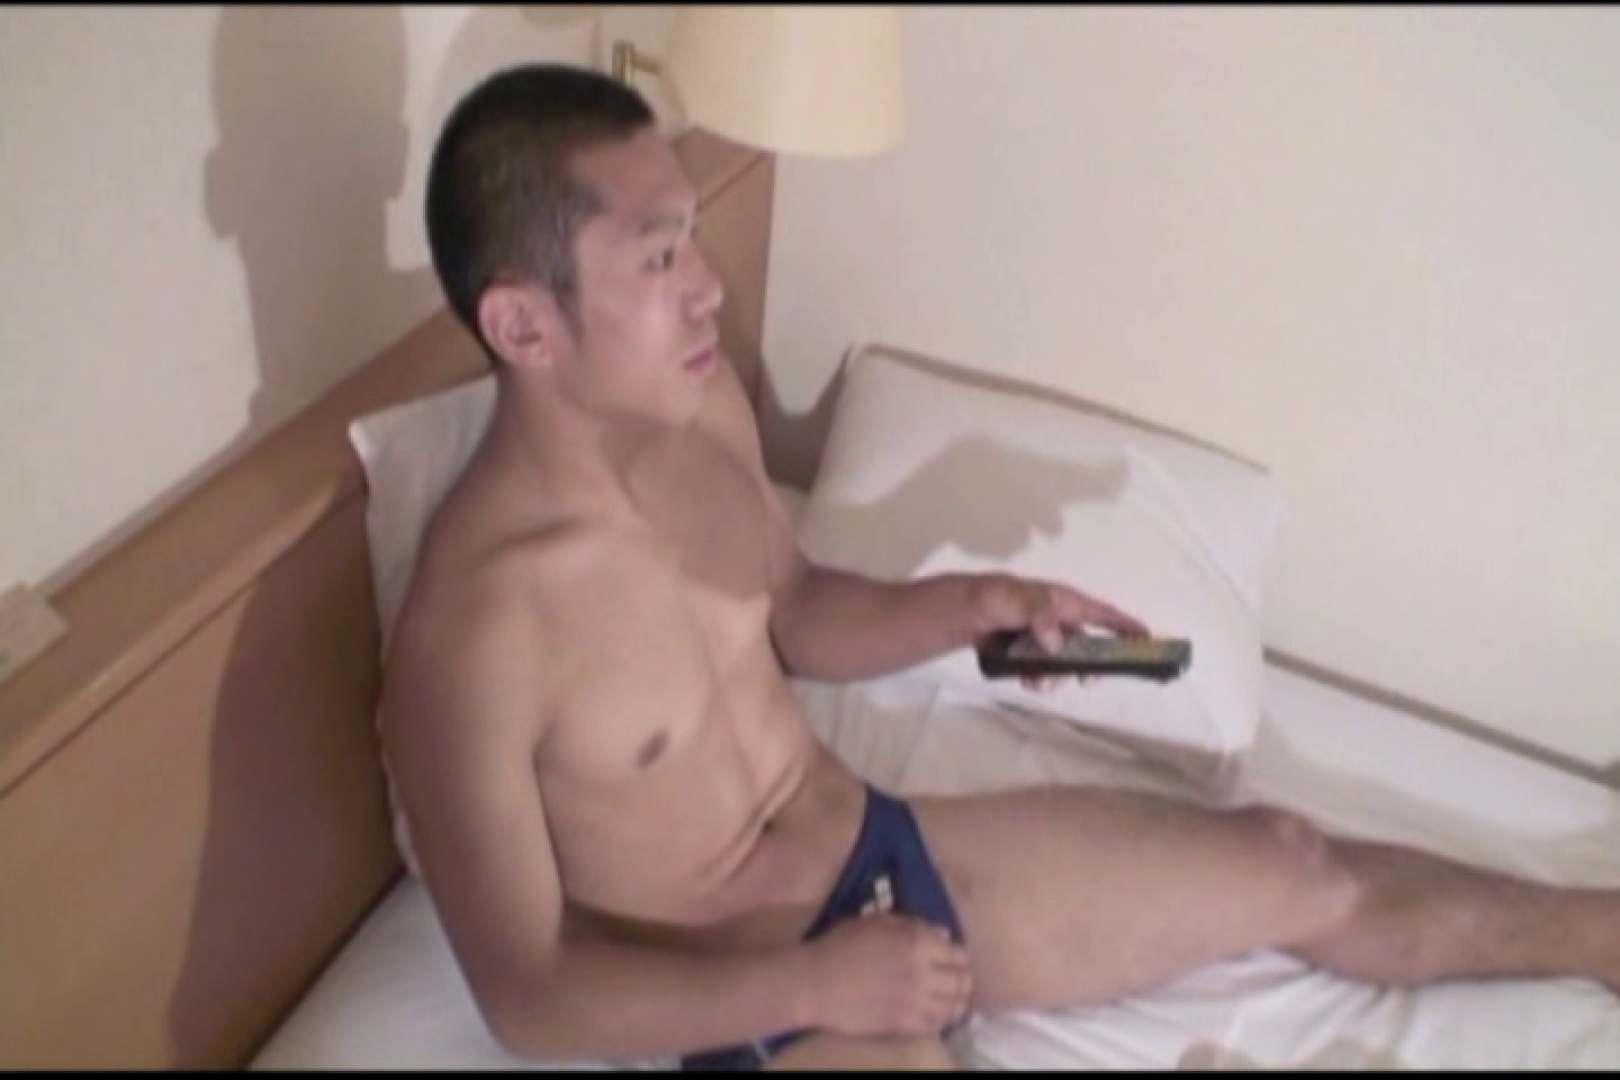 アナPさん投稿!目がパッチリなイケメンサル系男子の昇天劇。 完全無修正版 尻マンコ画像 78枚 12